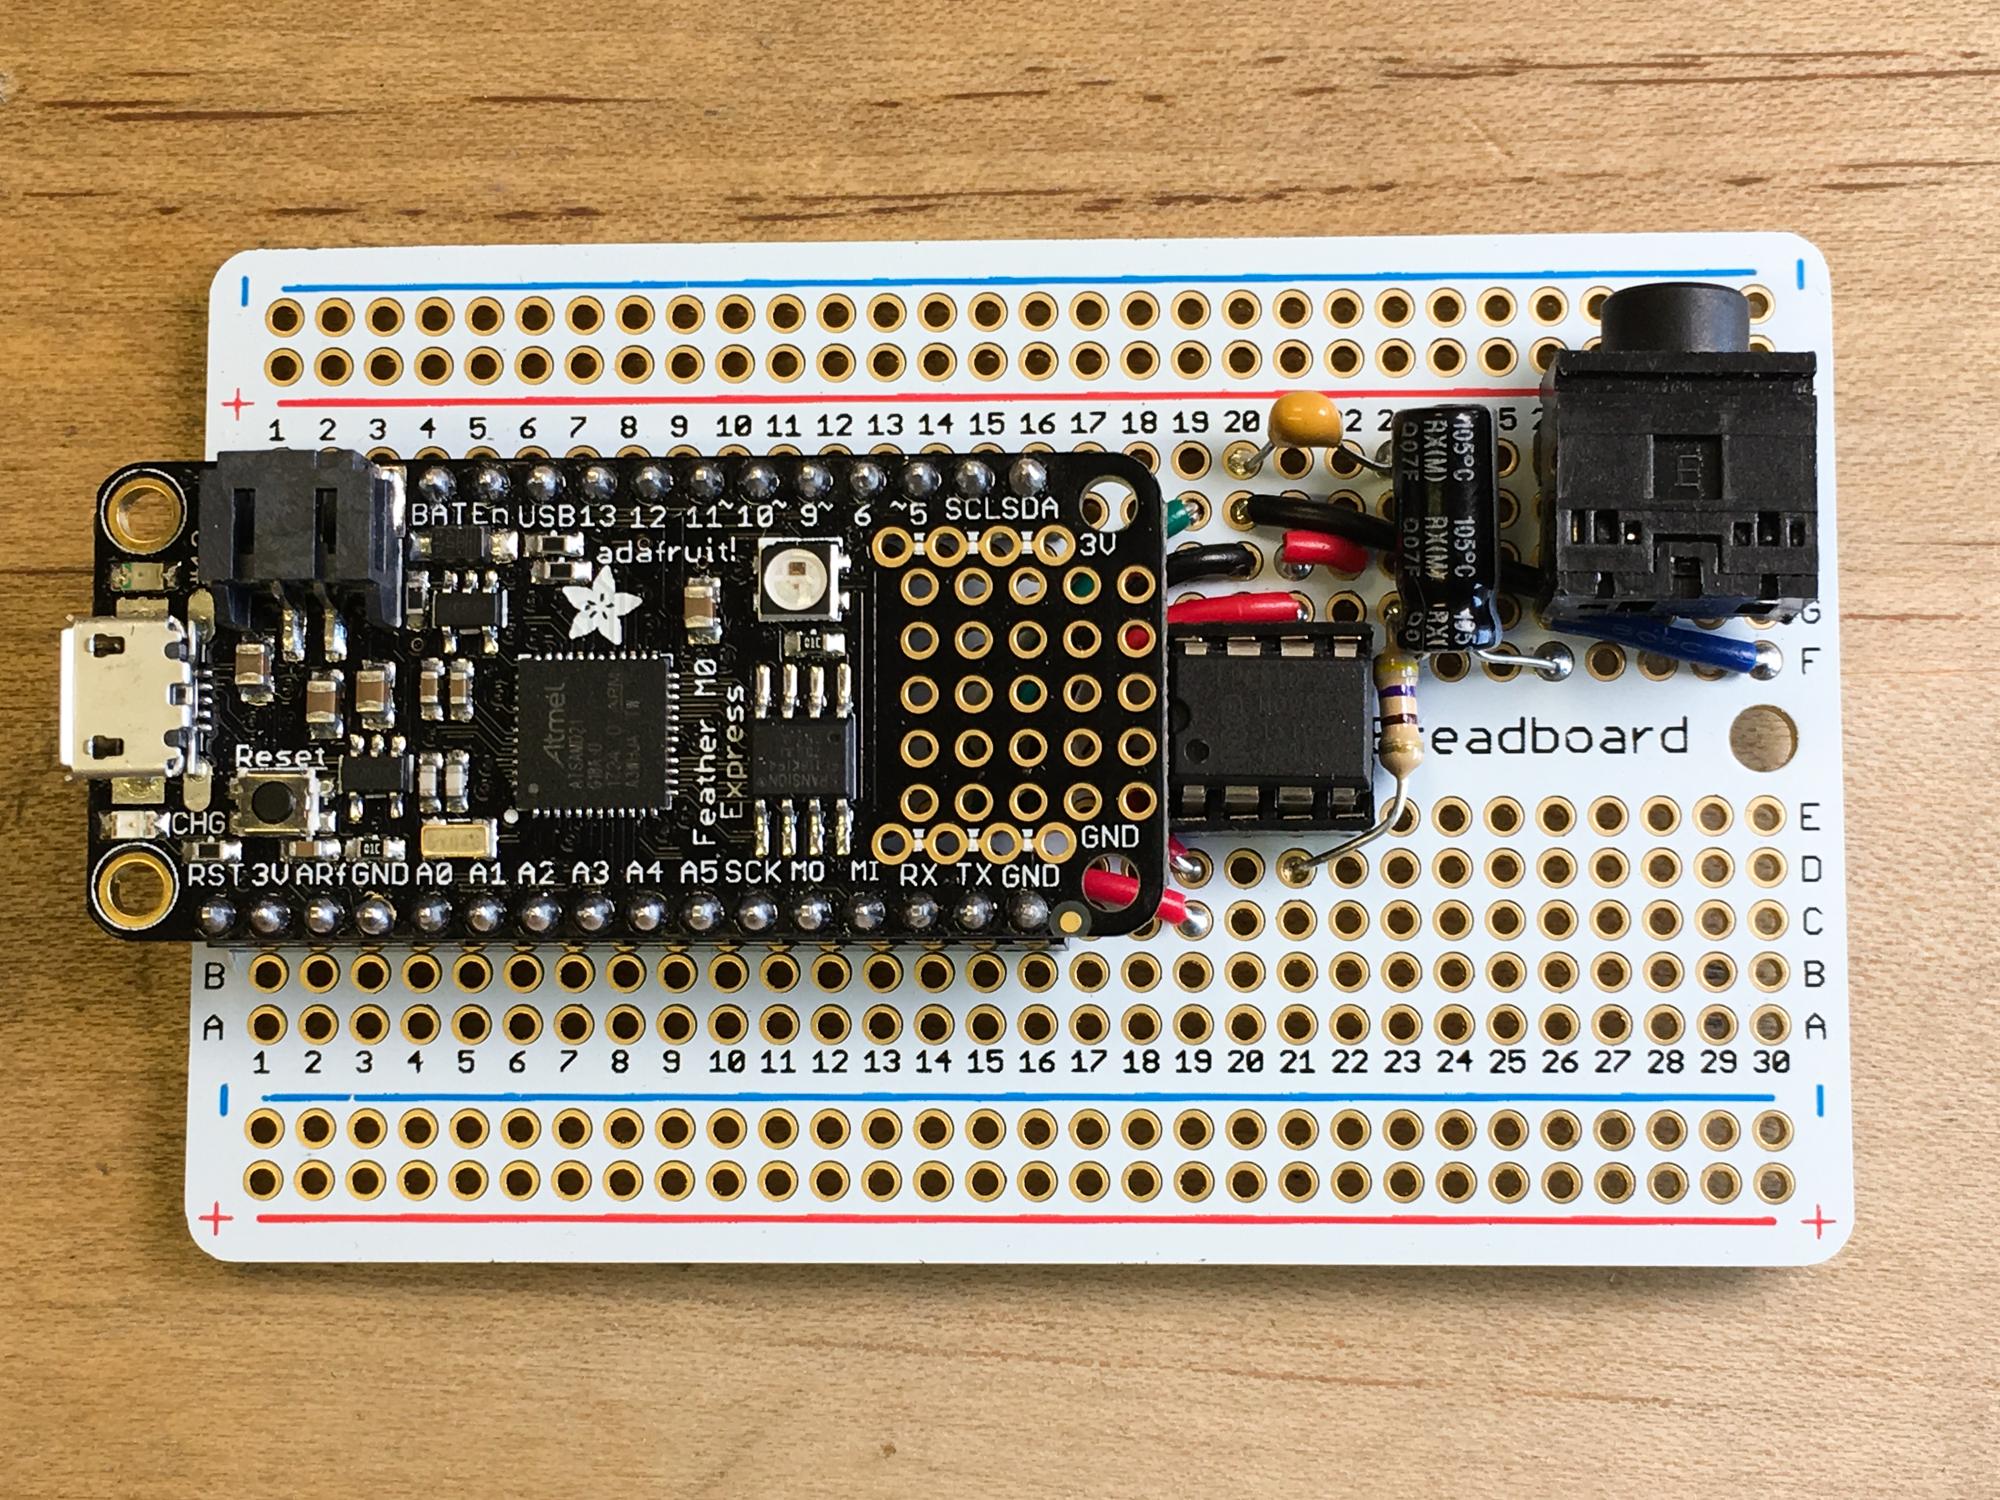 microcontrollers_IMG_1795_2k.jpg